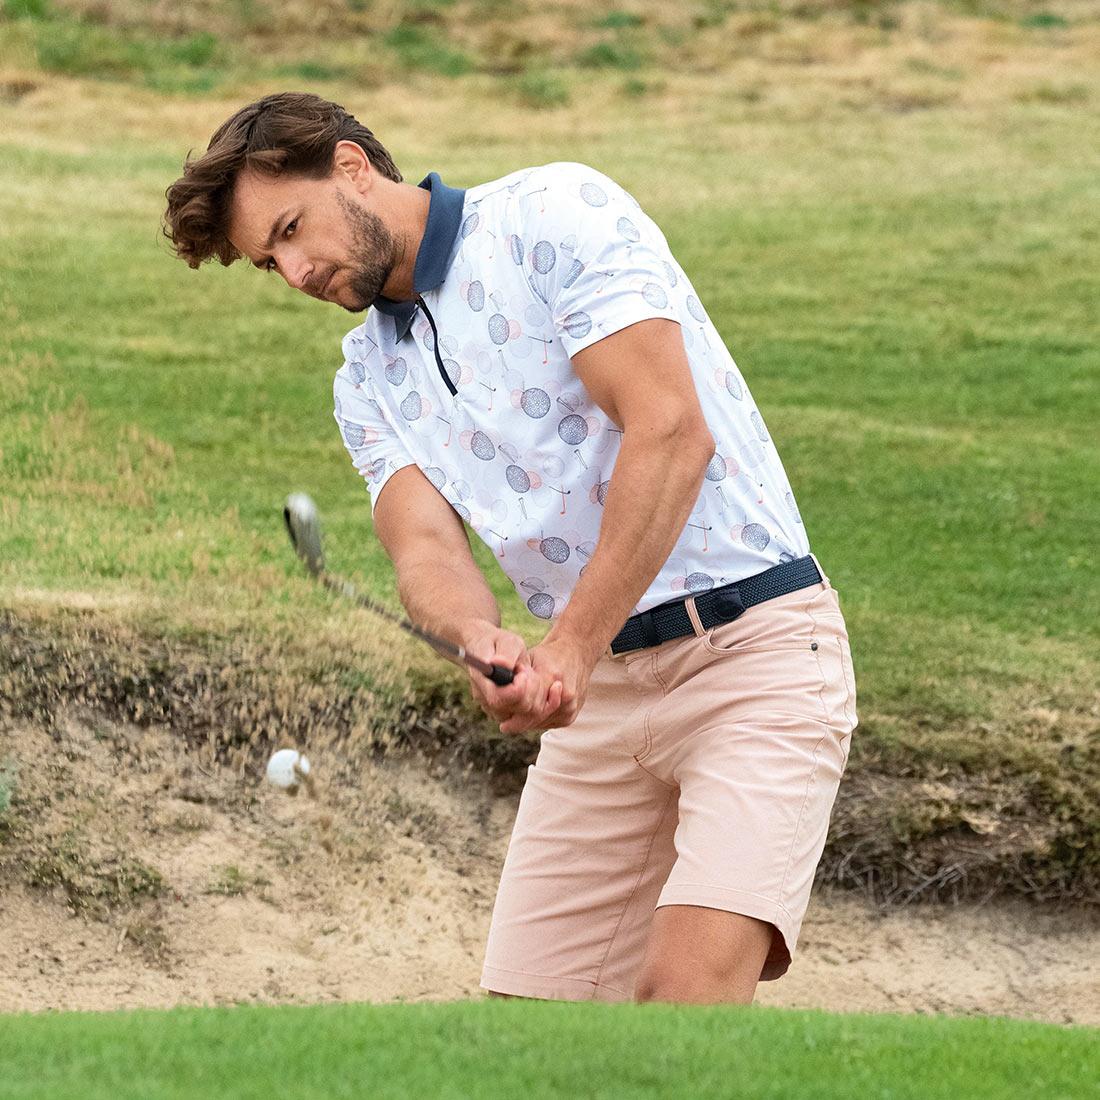 Premium Herren Kurzarm Funktions-Golfpolo mit Statement Golf-Motiv und Zip